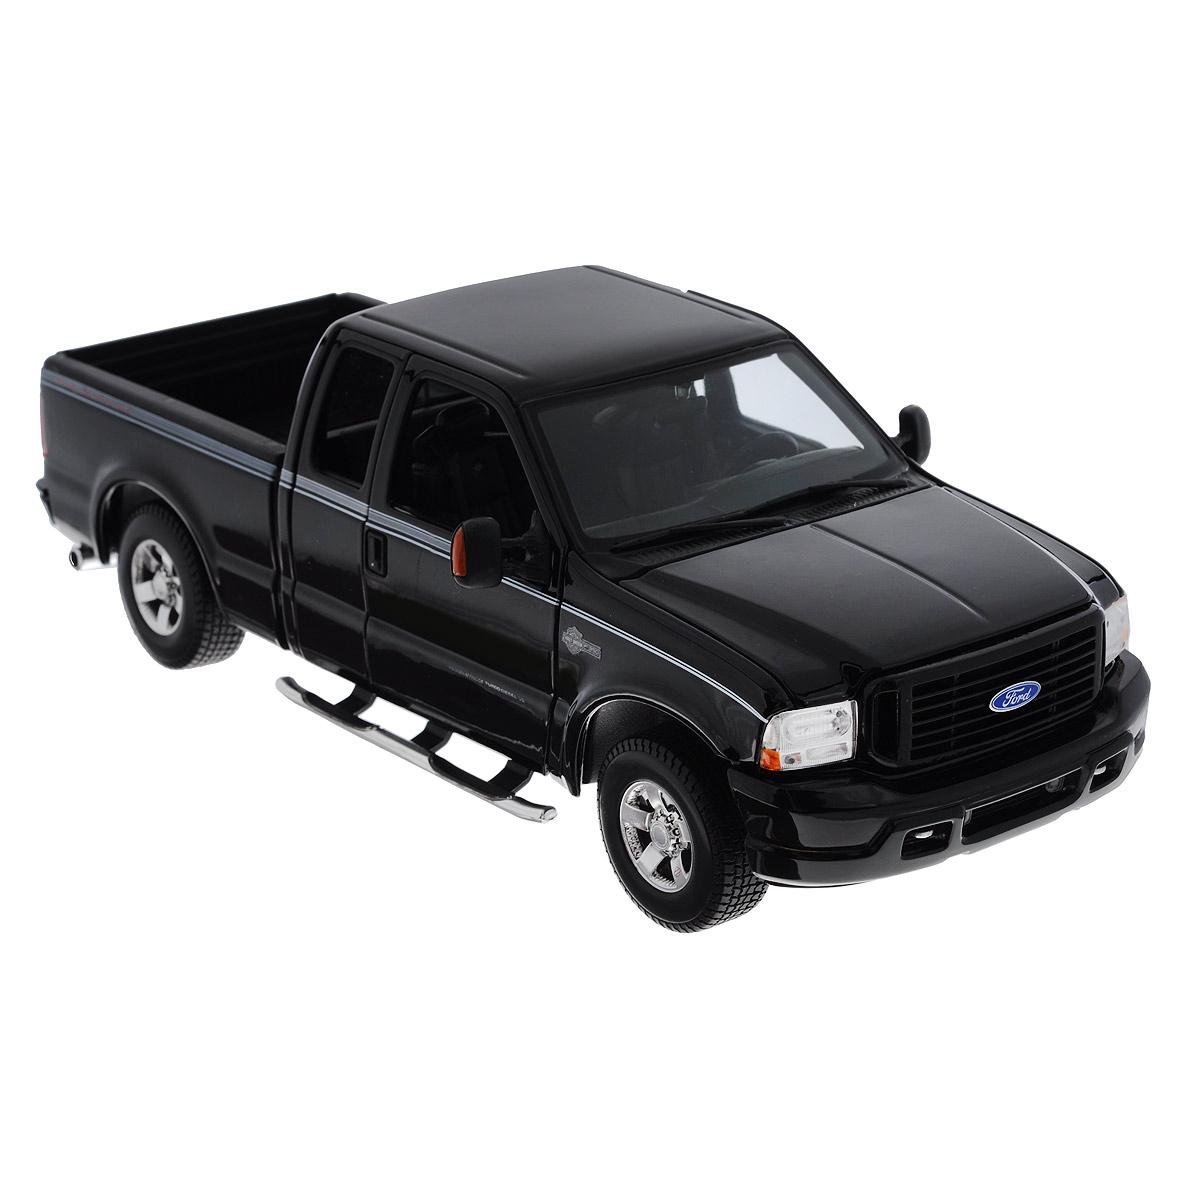 Maisto Модель автомобиля Ford F-350 Harley Davidson цвет черный36690_черный_2645Коллекционная модель Maisto Ford F-350 Harley Davidson - миниатюрная копия настоящего автомобиля. Стильная модель автомобиля привлечет к себе внимание не только детей, но и взрослых. Модель имеет литой металлический корпус с высокой детализацией двигателя, интерьера салона, дисков, протекторов, выхлопной системы, оснащена колесами из мягкой резины. У машинки открываются дверцы кабины и капот, откидывается задний борт, крутятся колеса. Игрушка в точности повторяет модель оригинальной техники, подробная детализация в полной мере позволит вам оценить высокую точность копии этой машины! Такая модель станет отличным подарком не только любителю автомобилей, но и человеку, ценящему оригинальность и изысканность, а качество исполнения представит такой подарок в самом лучшем свете.